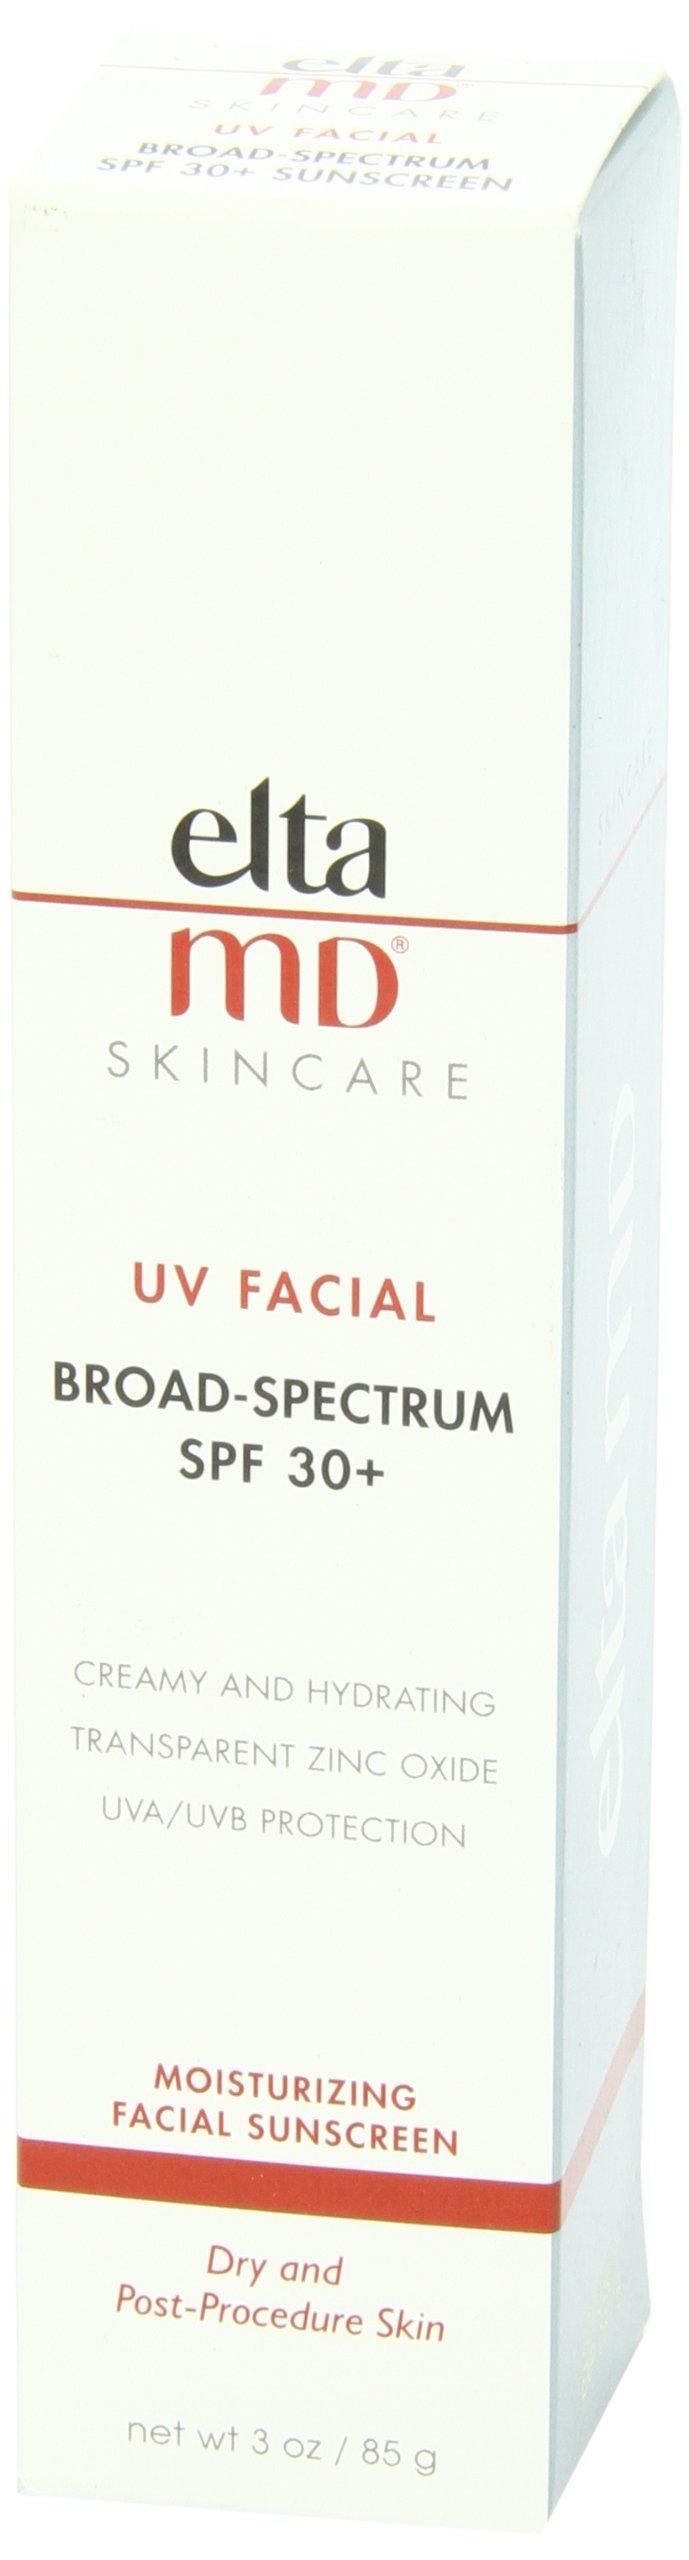 EltaMD UV Facial Sunscreen Broad-Spectrum SPF 30+, 3.0 oz by ELTA MD (Image #10)